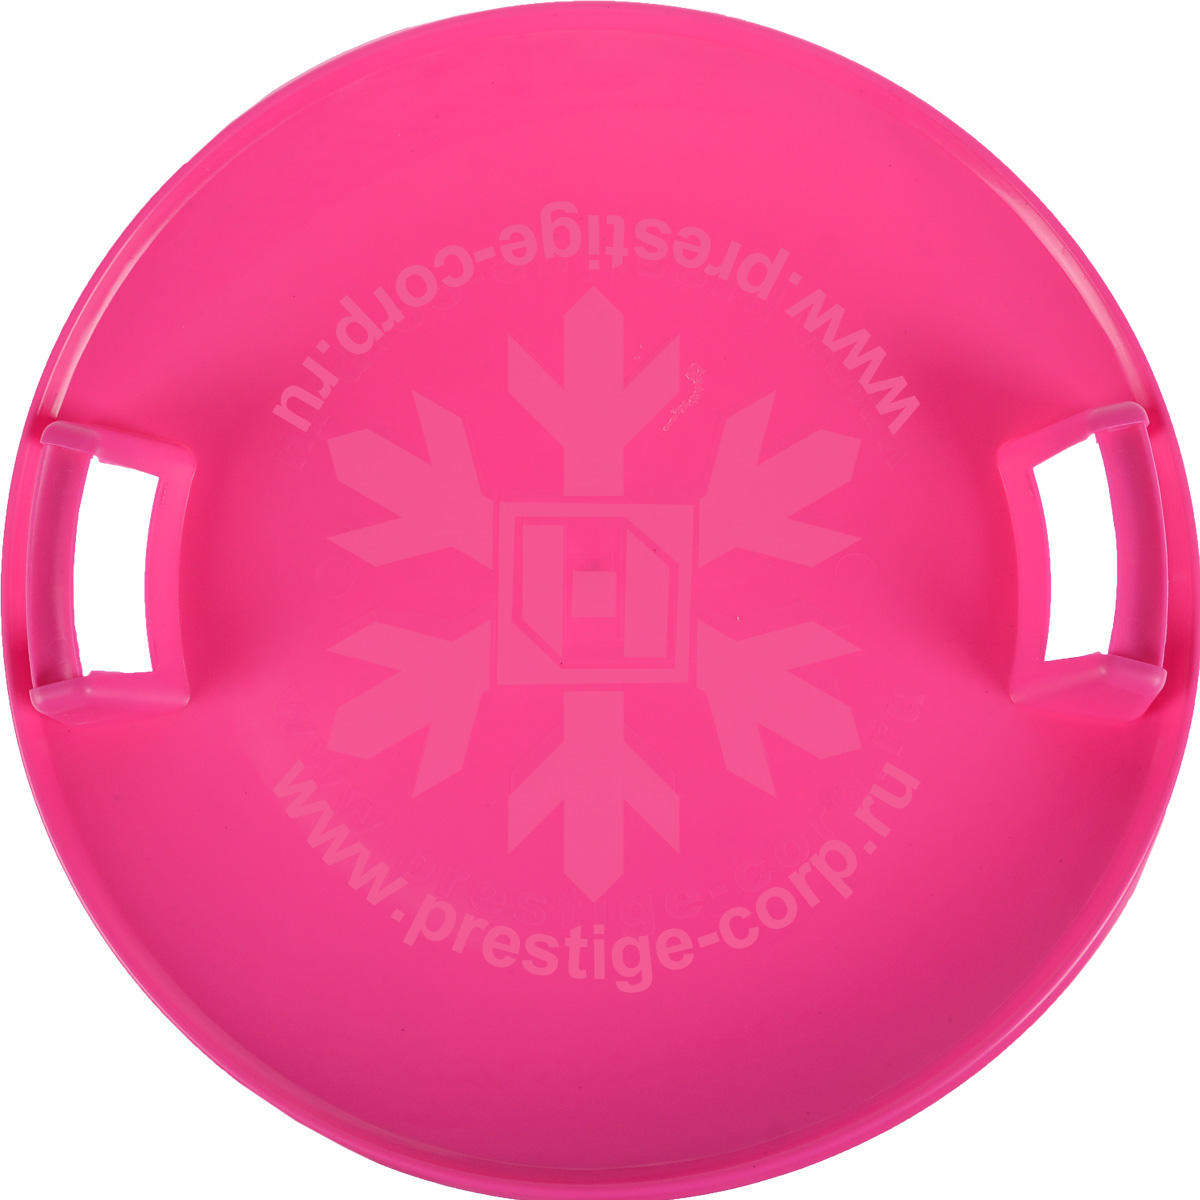 Санки-ледянки Престиж Экстрим, с пластиковыми ручками, увет: розовый, диаметр 58 см336913Любимая детская зимняя забава - это катание с горки. Яркие санки-ледянки Престиж Экстрим станут незаменимым атрибутом этой веселой детской игры. Санки-ледянки Престиж Экстрим - это специальная пластиковая тарелка, облегчающая скольжение и увеличивающая скорость движения по горке. Круглая ледянка выполнена из прочного морозоустойчивого пластика и снабжена двумя удобными ручками, чтобы катание вашего ребенка было безопасным. Отличная скорость, прочный материал и спуск, который можно закончить сидя спиной к низу горки - вот что может предоставить это изделие! Благодаря малому весу, ледянку, в отличие от обычных санок, легко нести с собой даже ребенку.Зимние игры на свежем воздухе. Статья OZON Гид